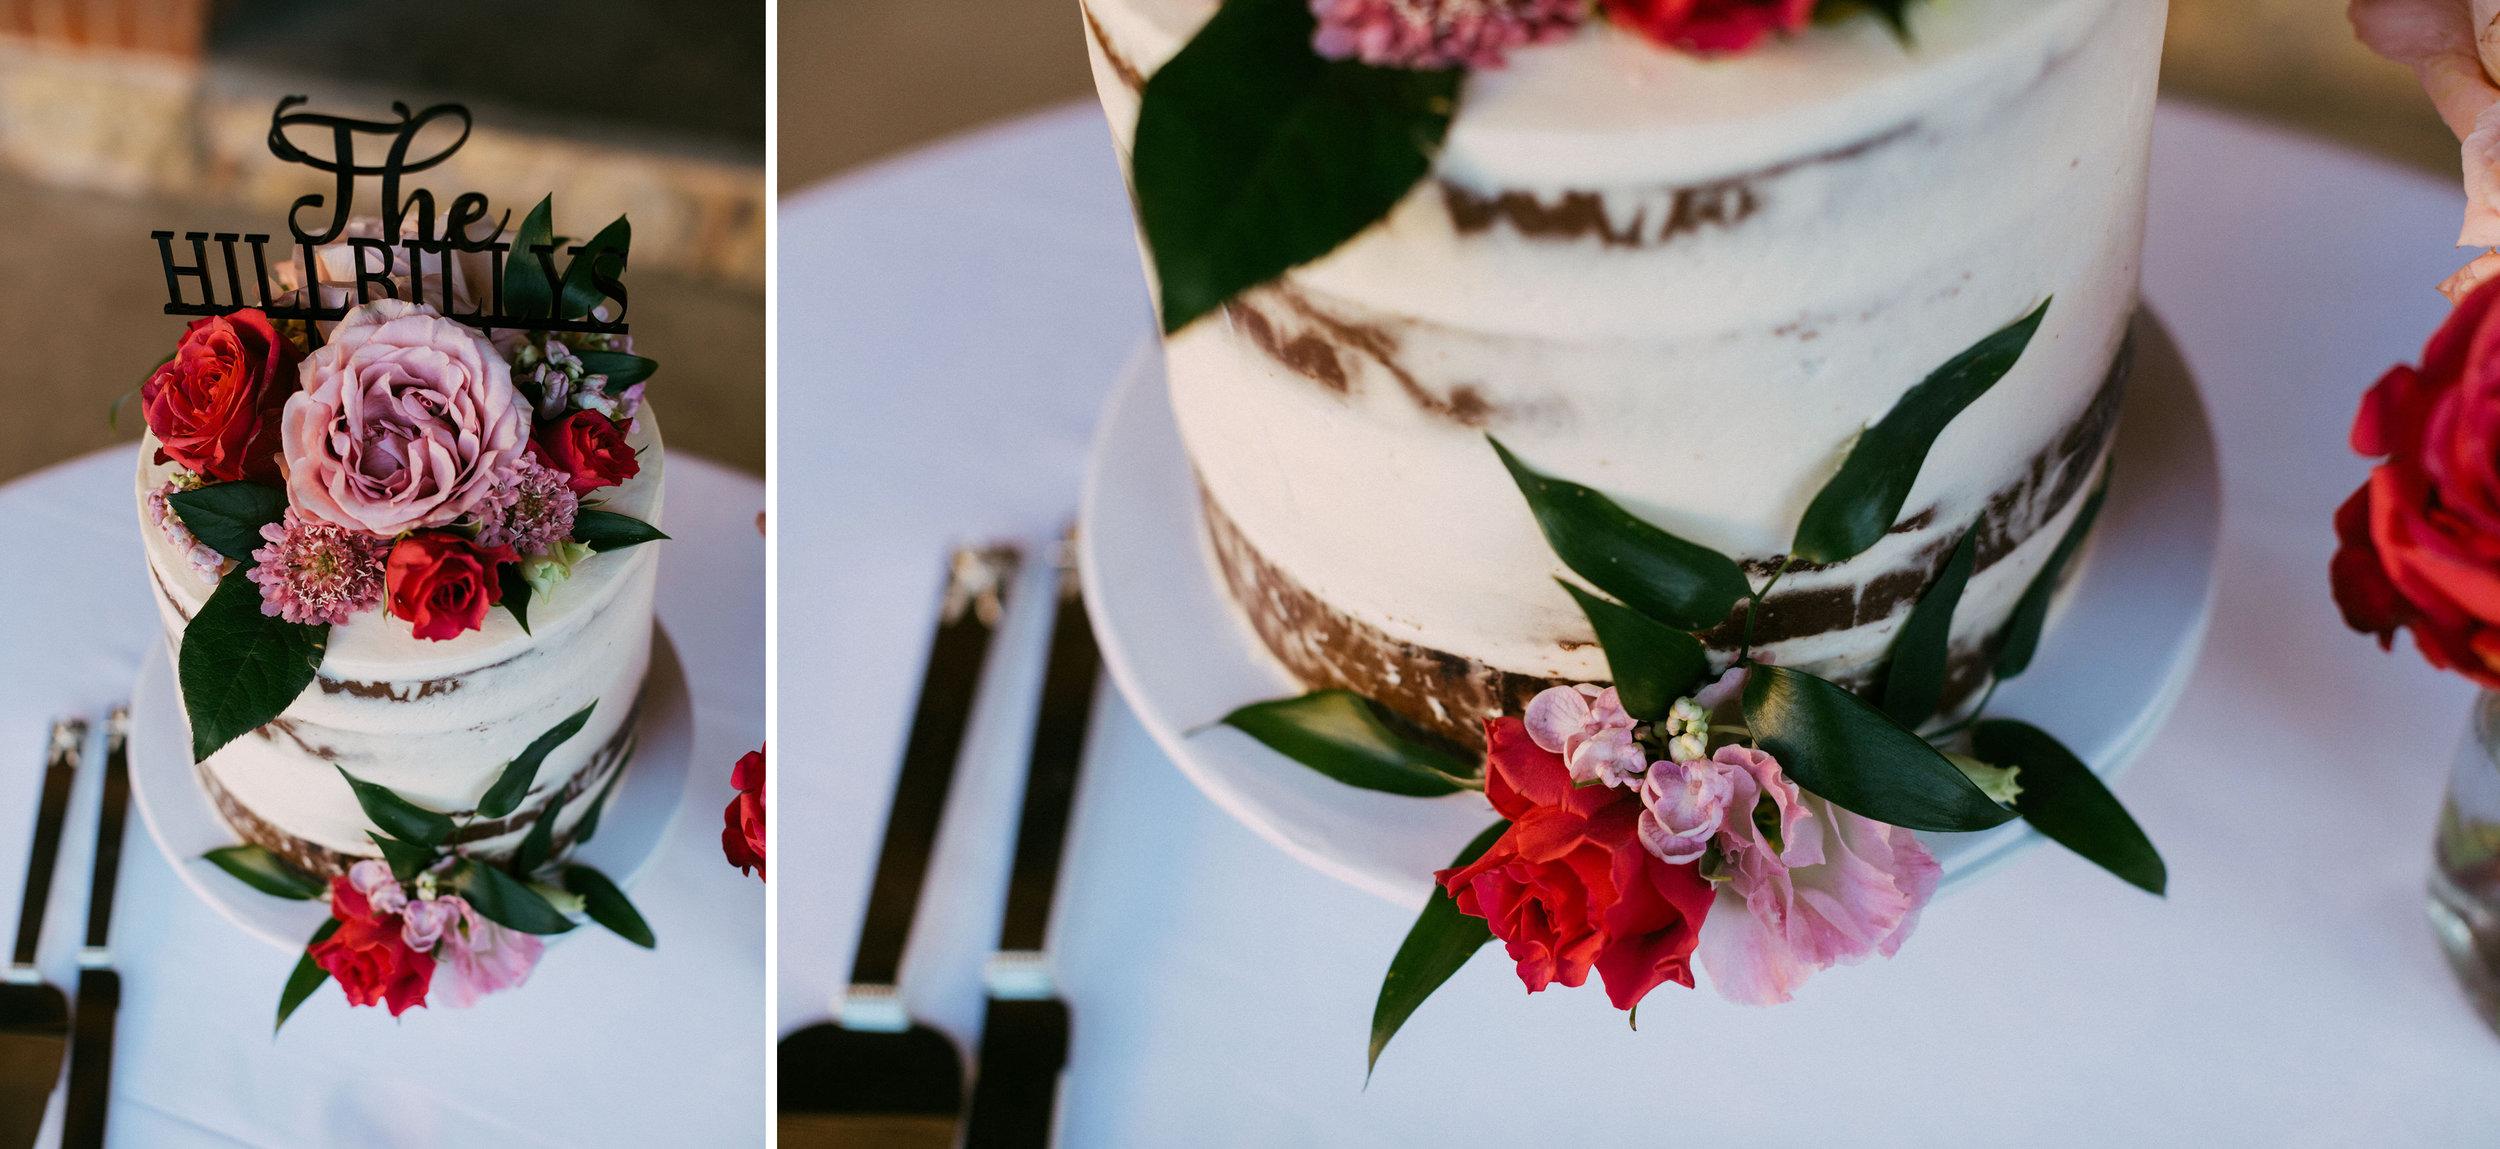 Adelaide City Fringe Garden Unearthly Delight Wedding 086.jpg